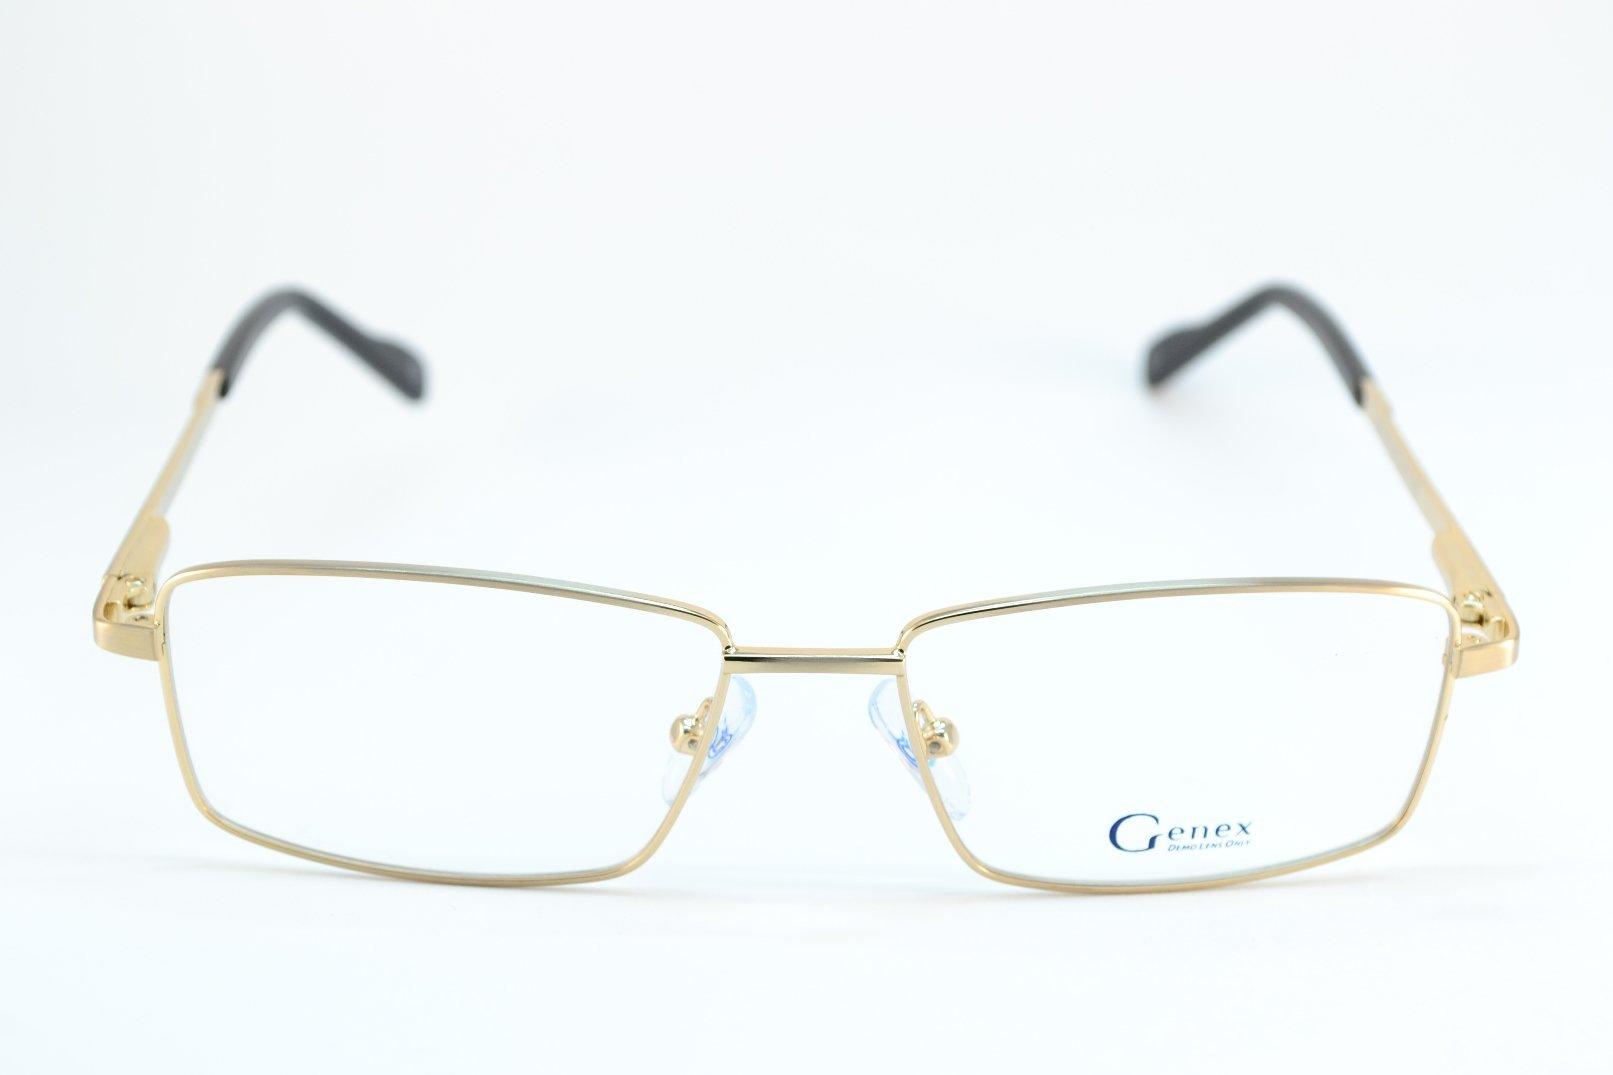 Заказать очки гуглес к дрону в новошахтинск наклейки комплект mavic air combo на ebay